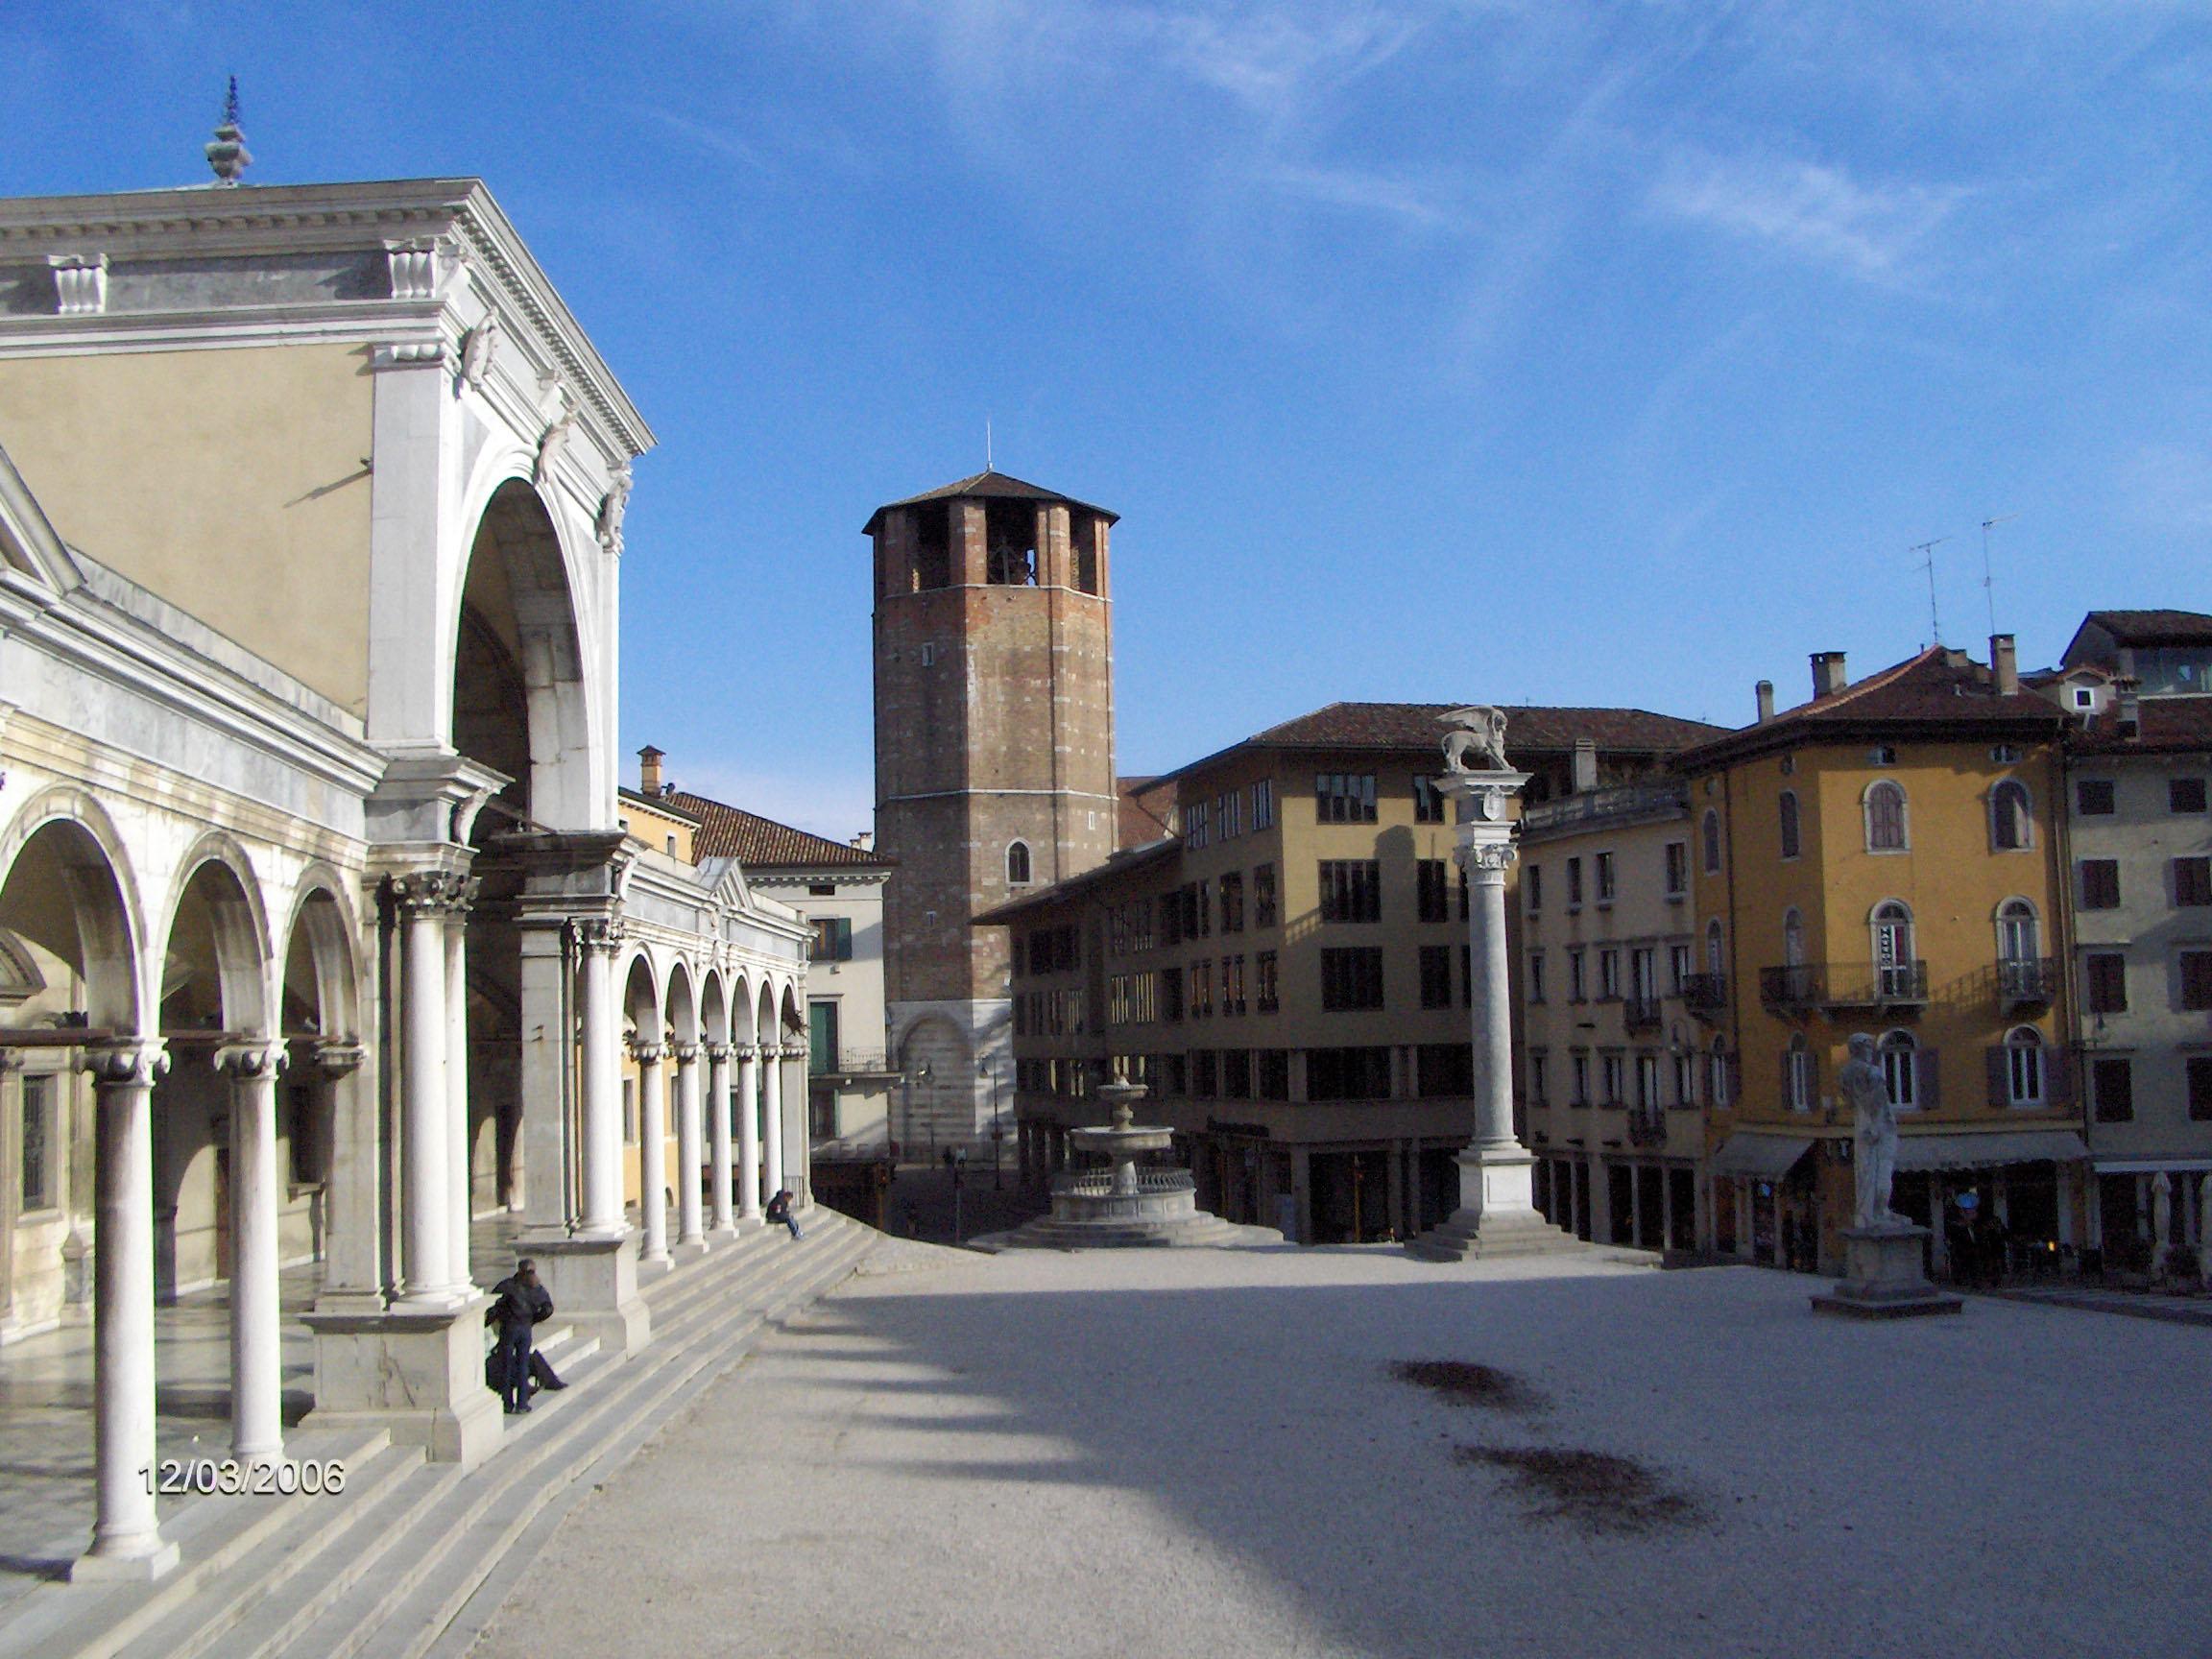 Piazza della Libert and the Loggia di San Giovanni in Udine Italy image  Free stock photo